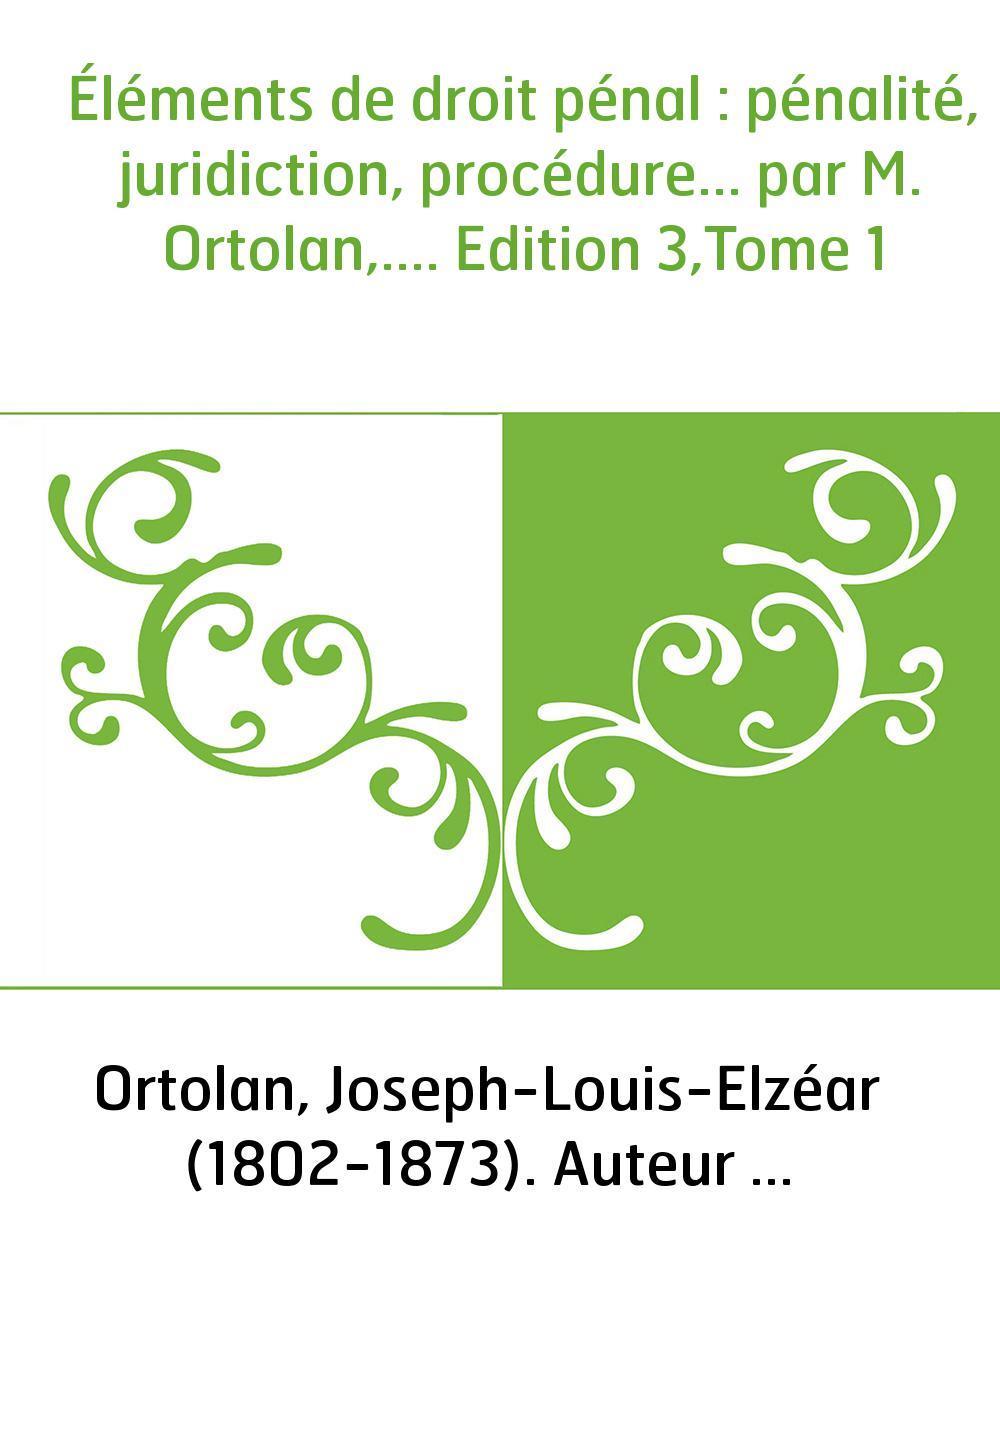 Éléments de droit pénal : pénalité, juridiction, procédure... par M. Ortolan,.... Edition 3,Tome 1